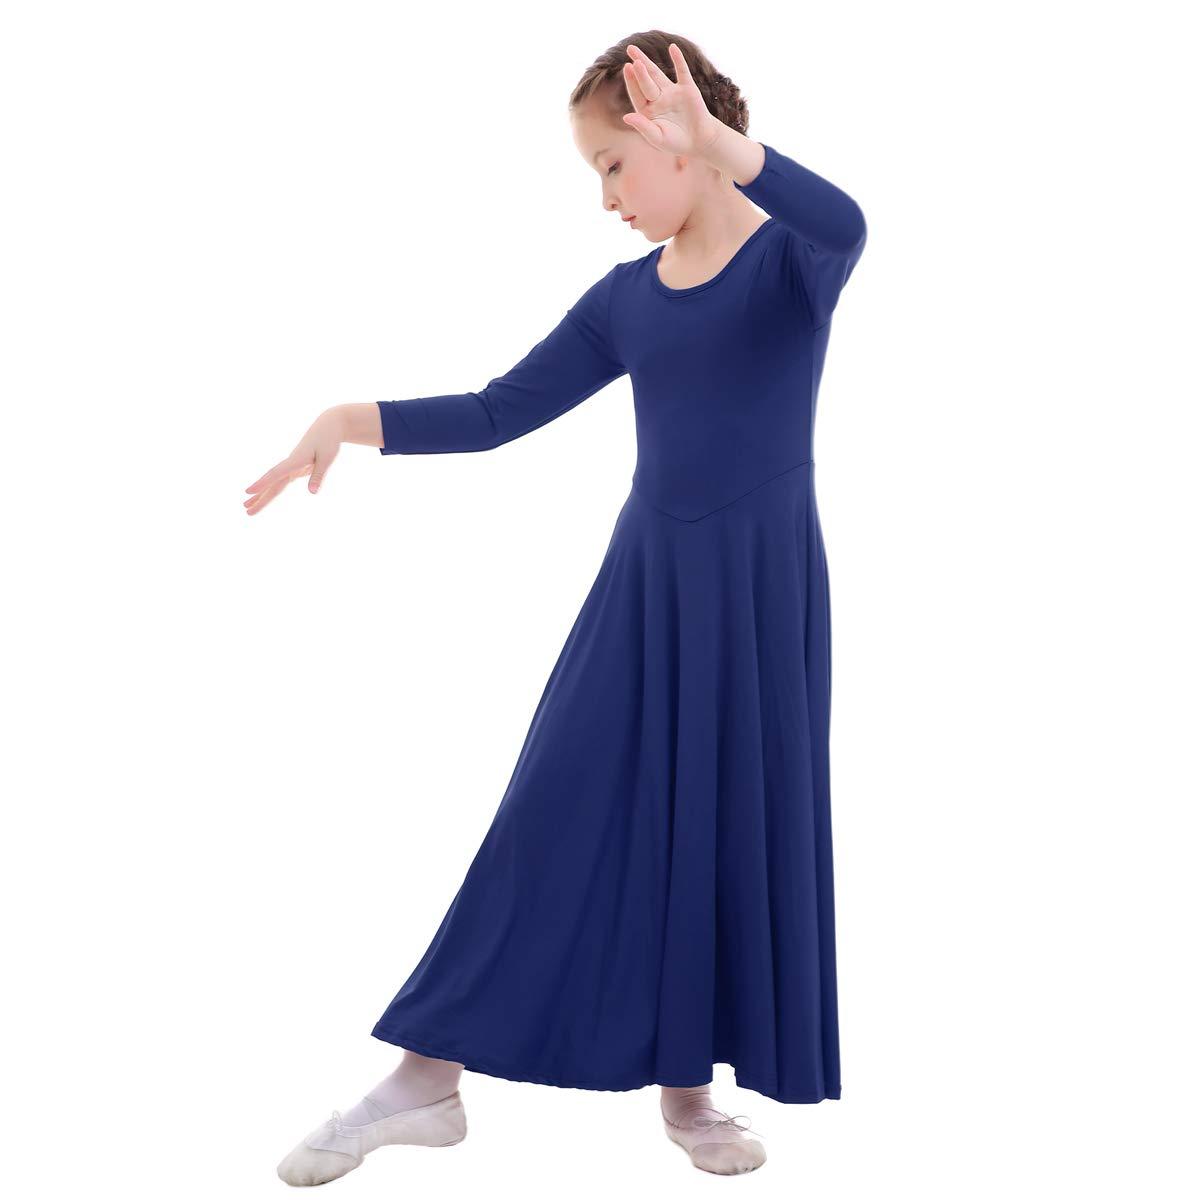 IMEKIS Girls Liturgical Praise Dance Dress Loose Fit Full Length Swing Tunic Skirt Kids Long Sleeve Ballet Worship Costume